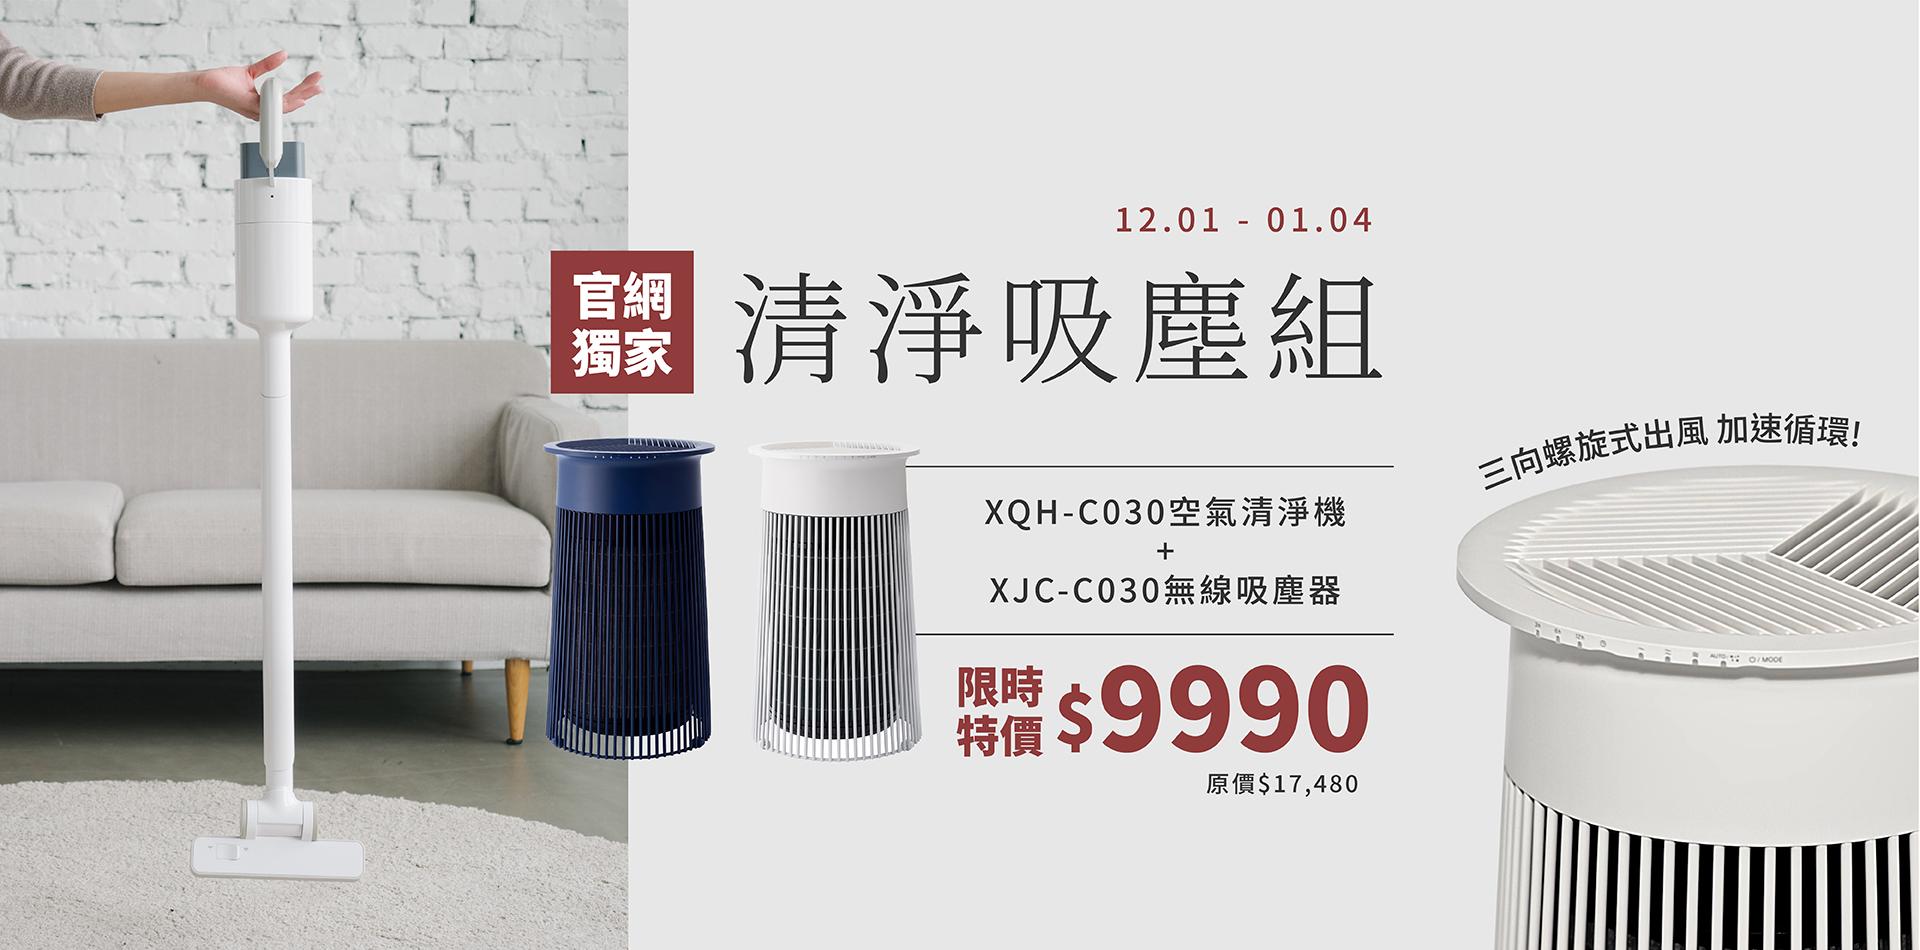 【官網限定組合】XQH-C030清淨機+XJC-C030吸塵器 $9990